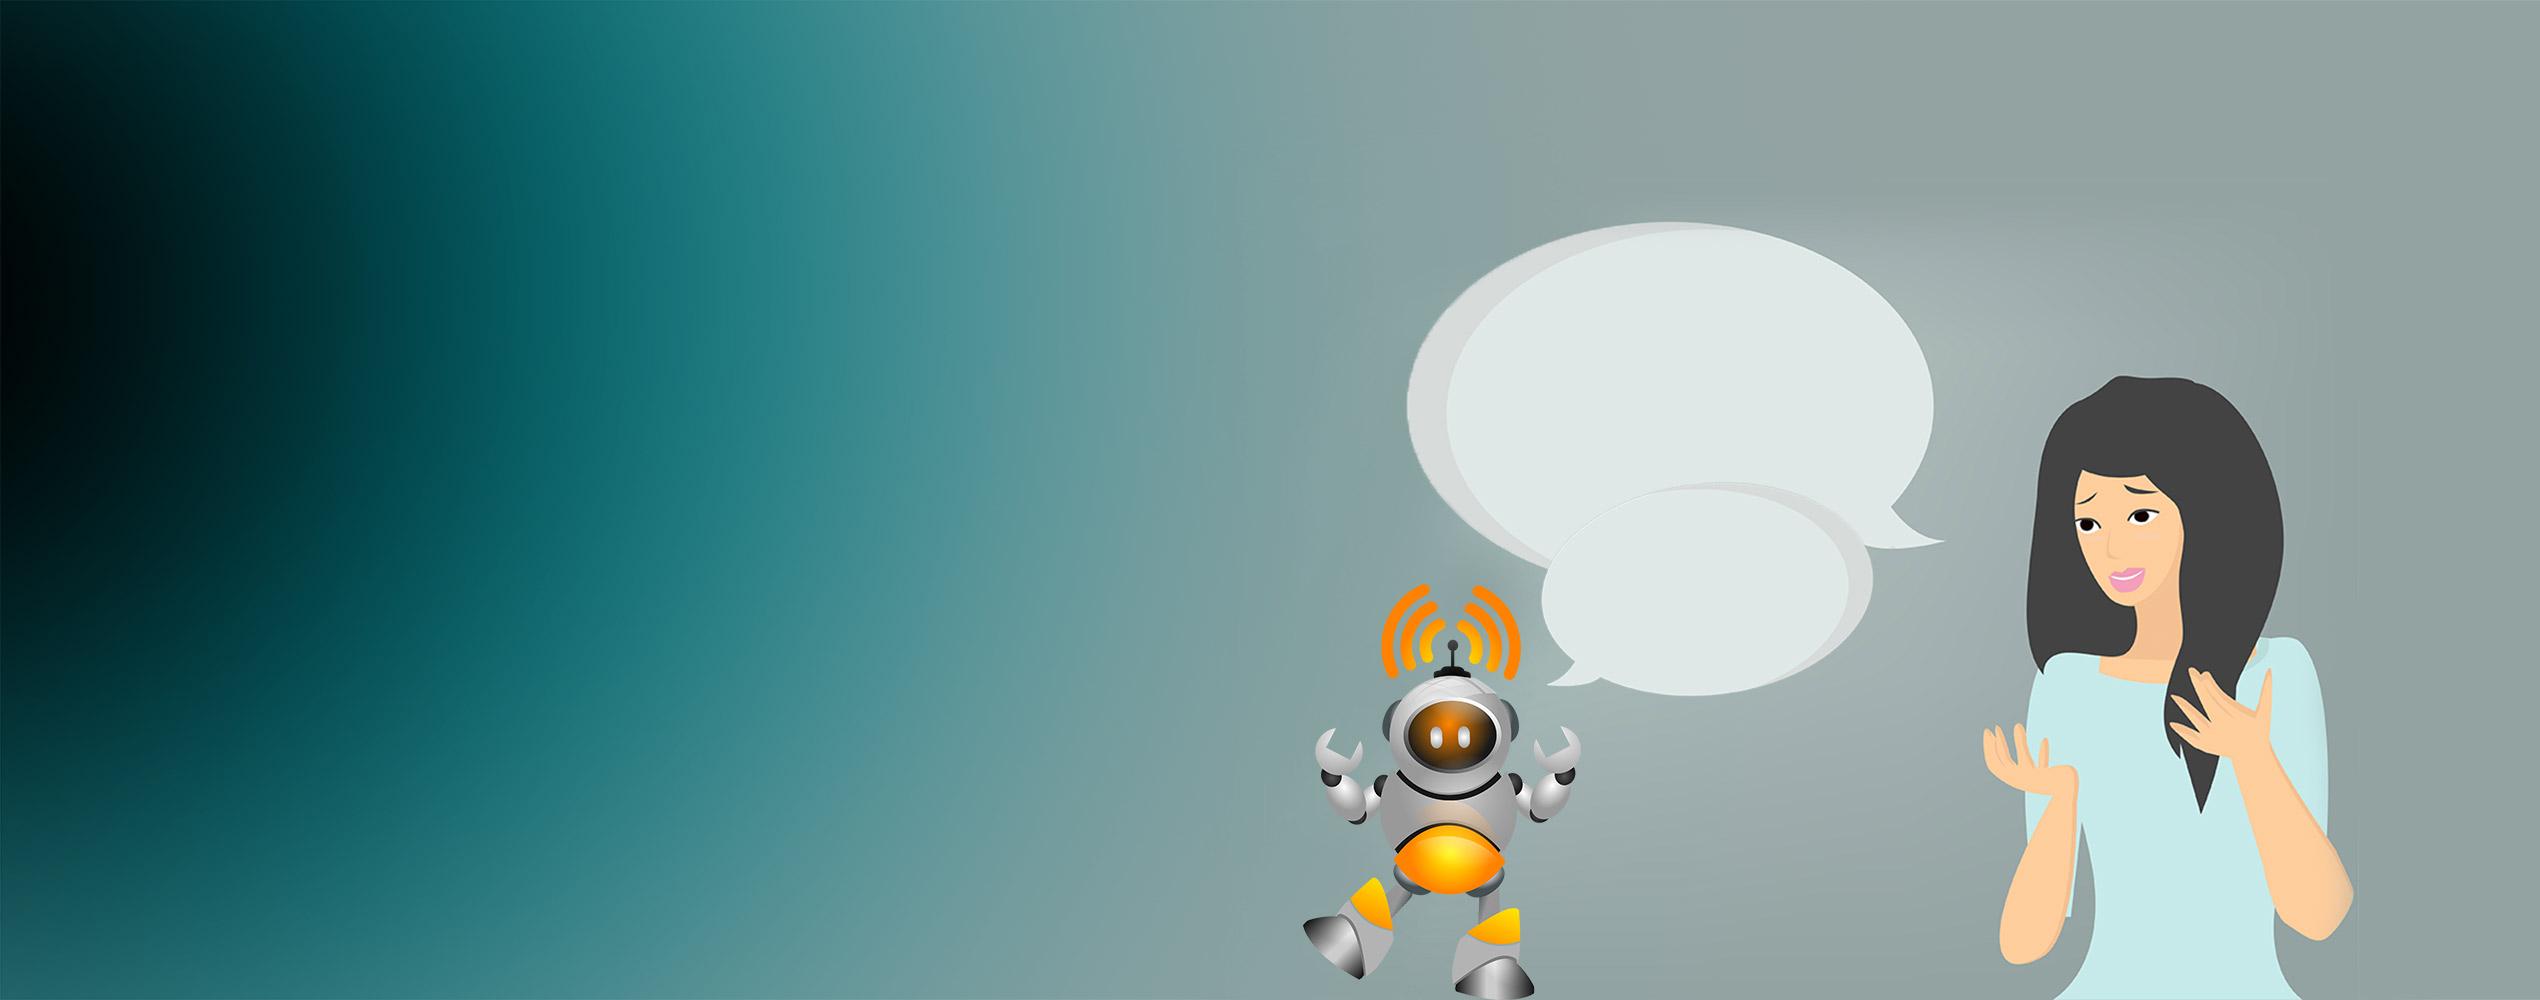 pixabay-tanyanarak007-girl-talk-2436539-UND-Estefano-gestaltung-roboter-technologie-wifi-3164178-2540x1000-HEADER-2